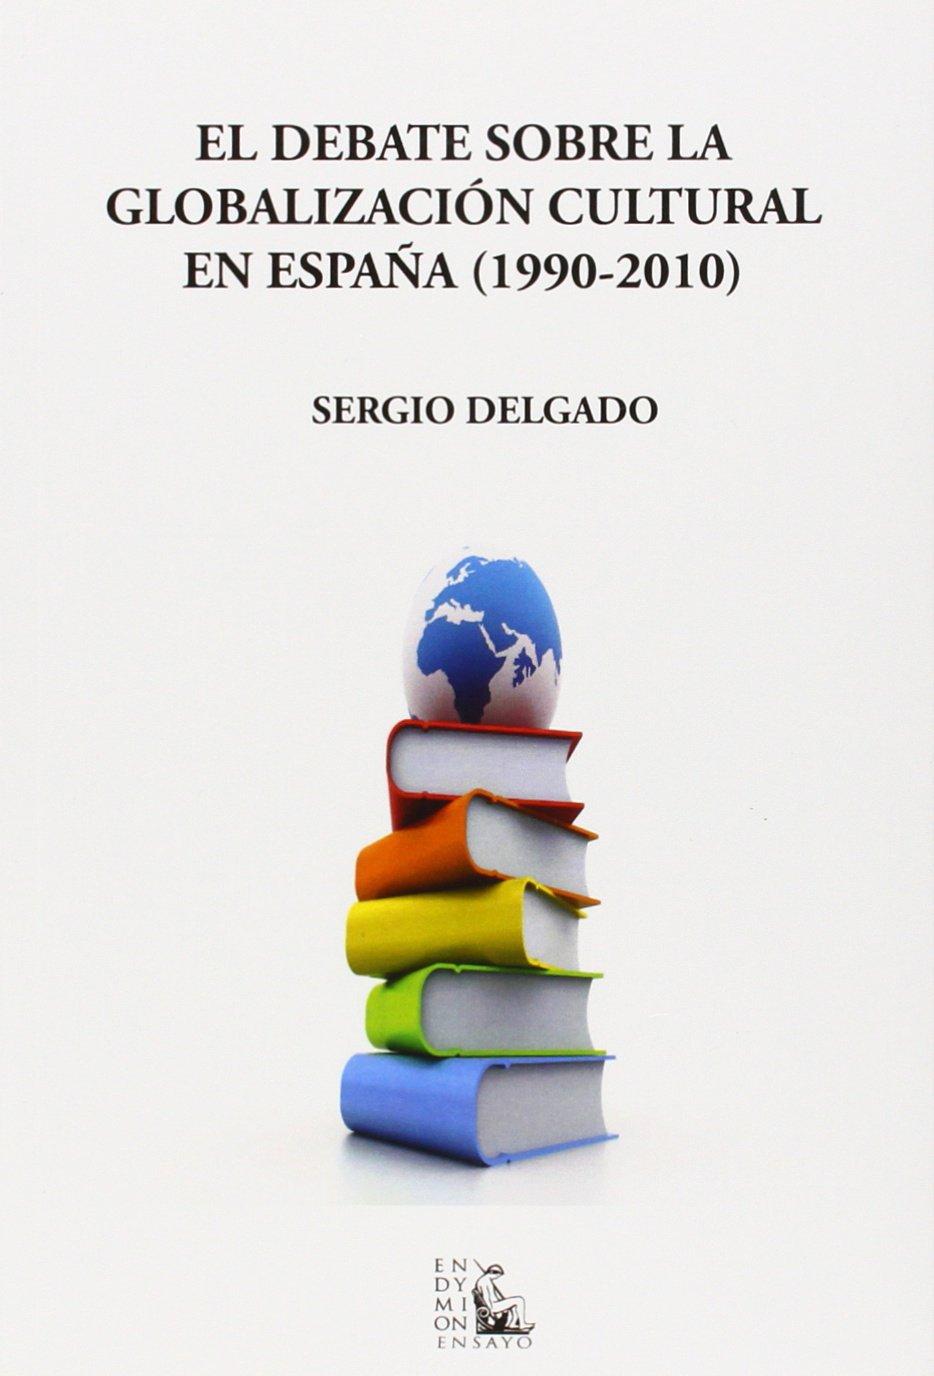 El debate sobre la globalización cultural en España, 1990-2010: Amazon.es: Delgado Pequeño, Sergio: Libros